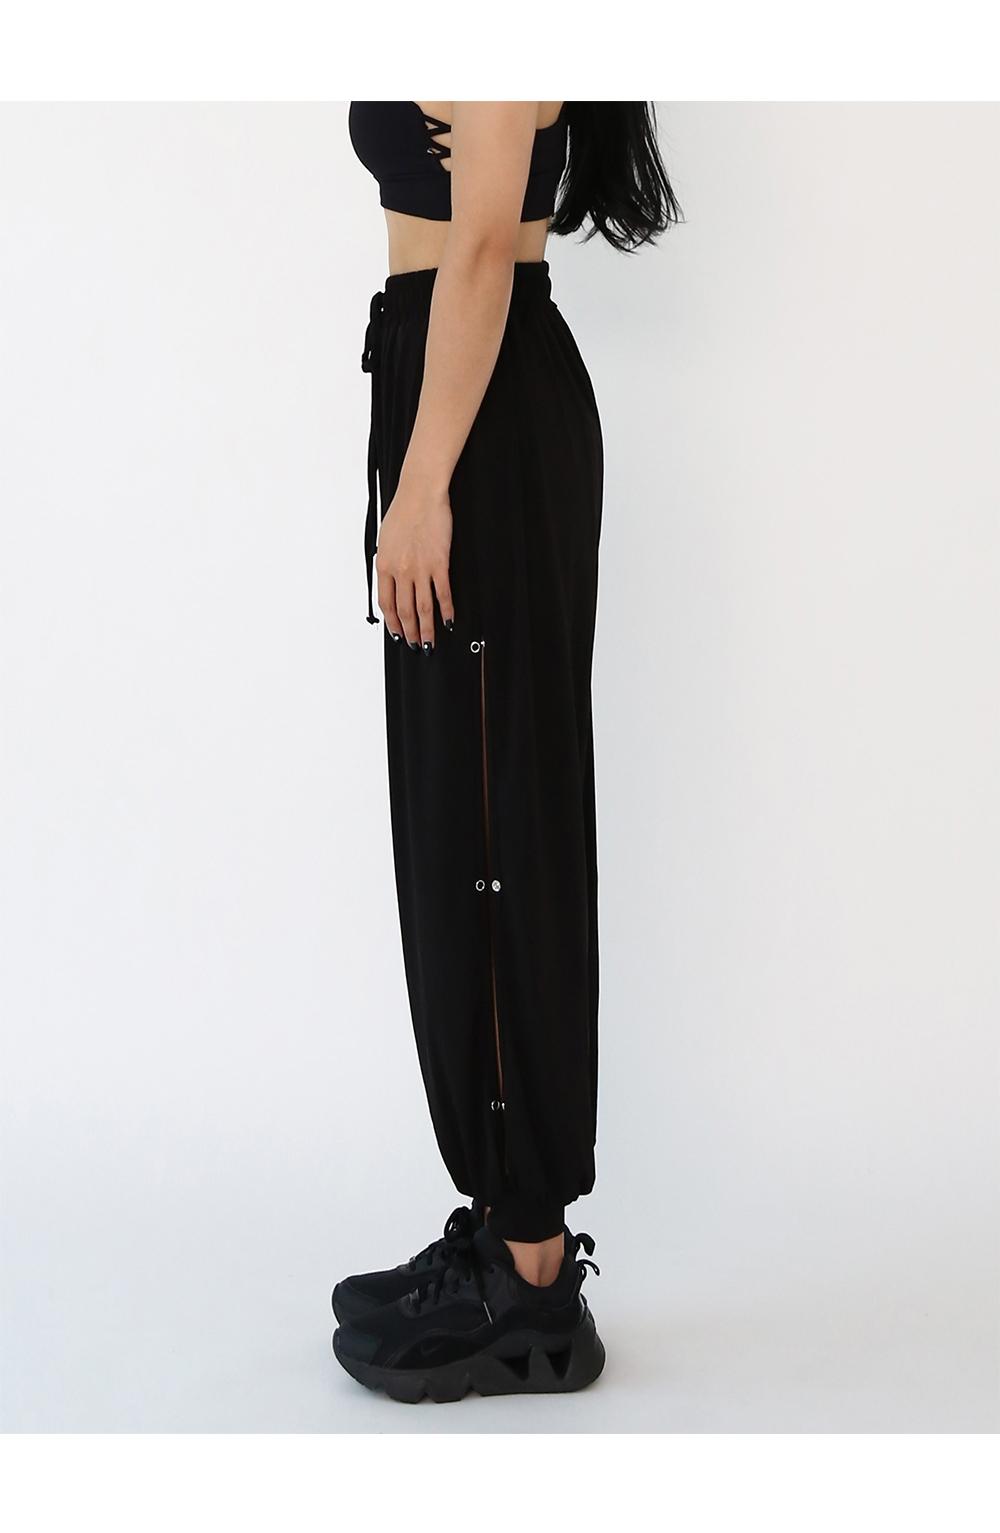 褲子模特穿著圖片 - S1L11